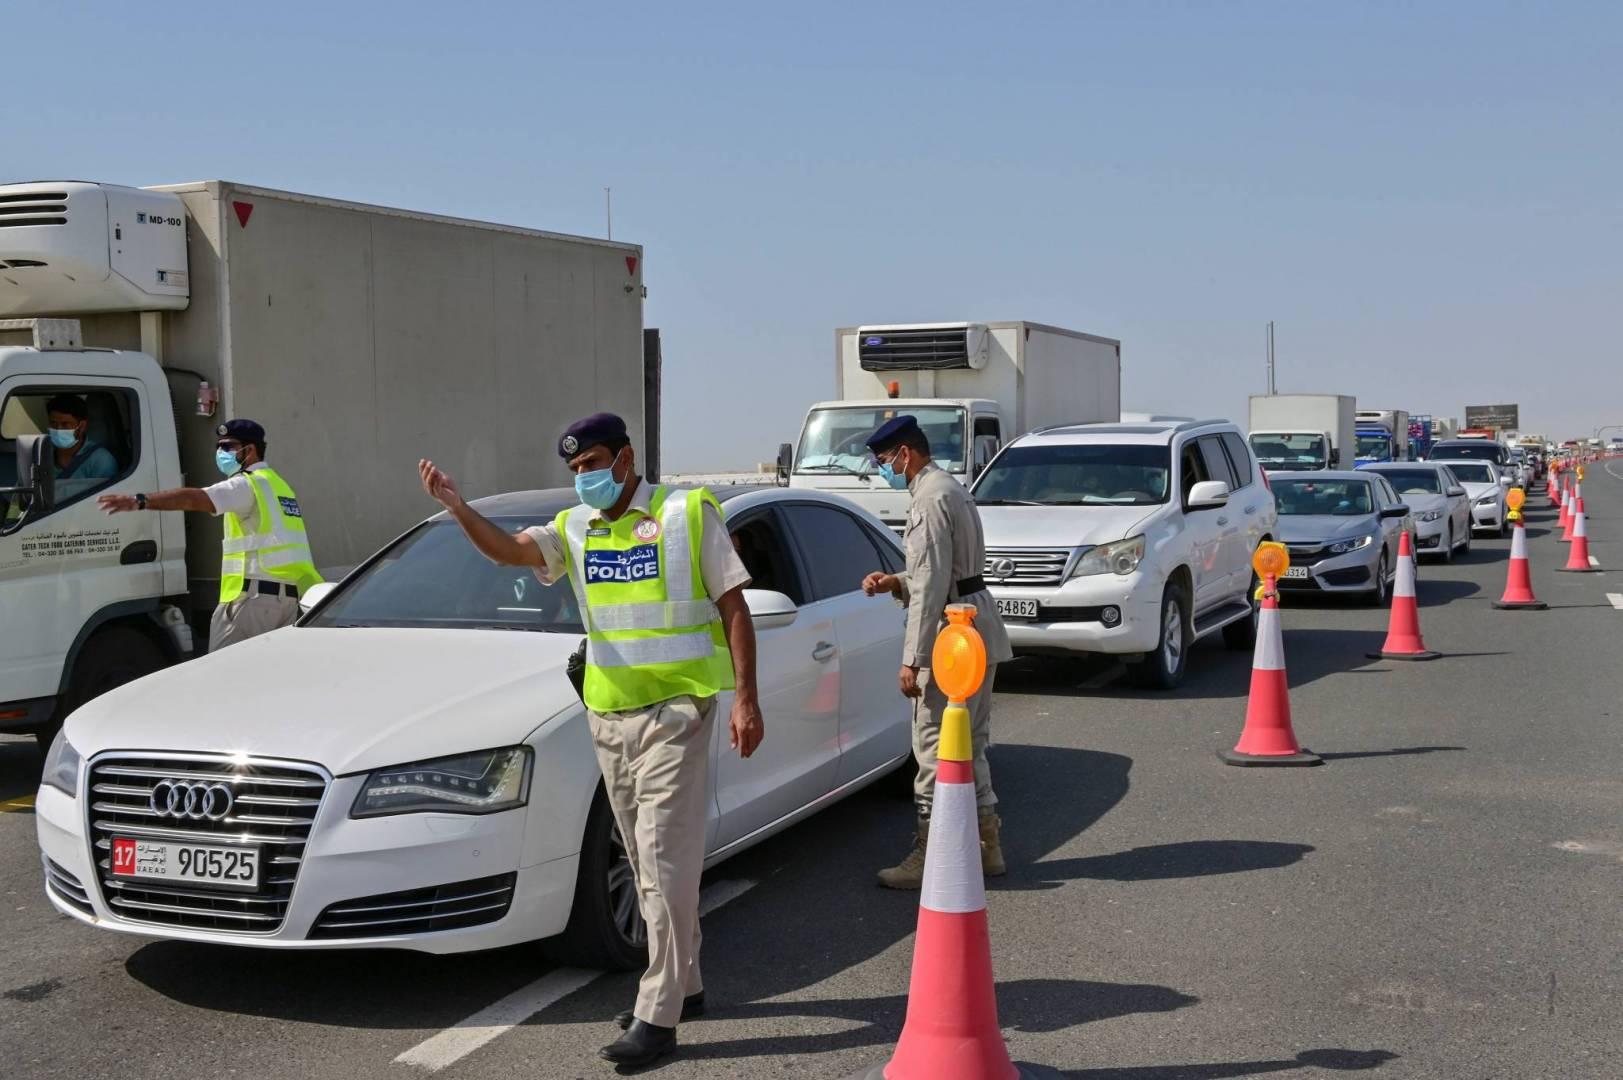 أبوظبي تمدد حظر التنقل من وإلى الإمارة وبين مدنها الكبرى لمدة أسبوع